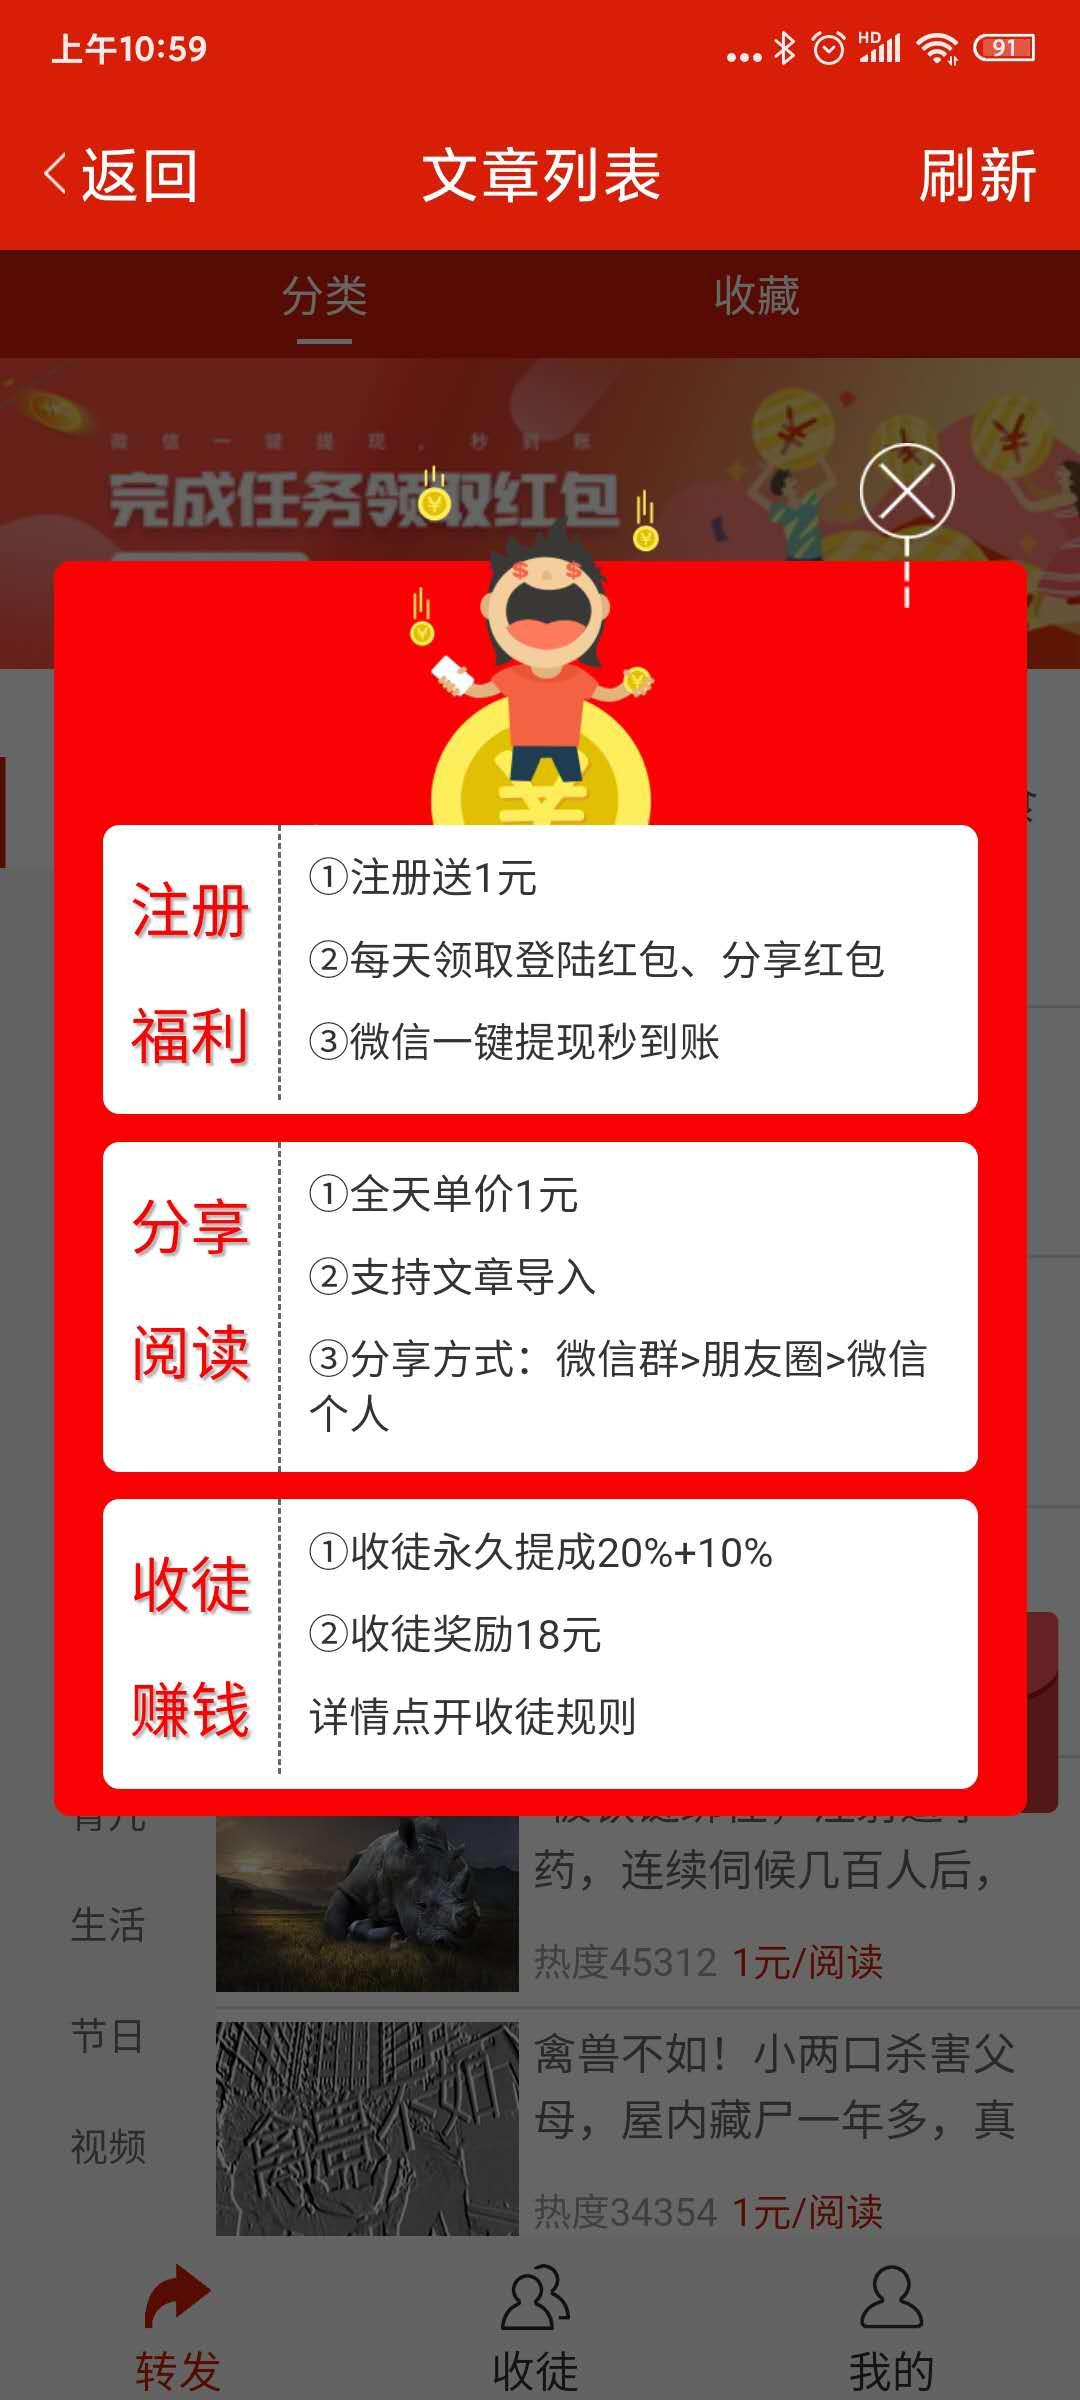 速豹网app